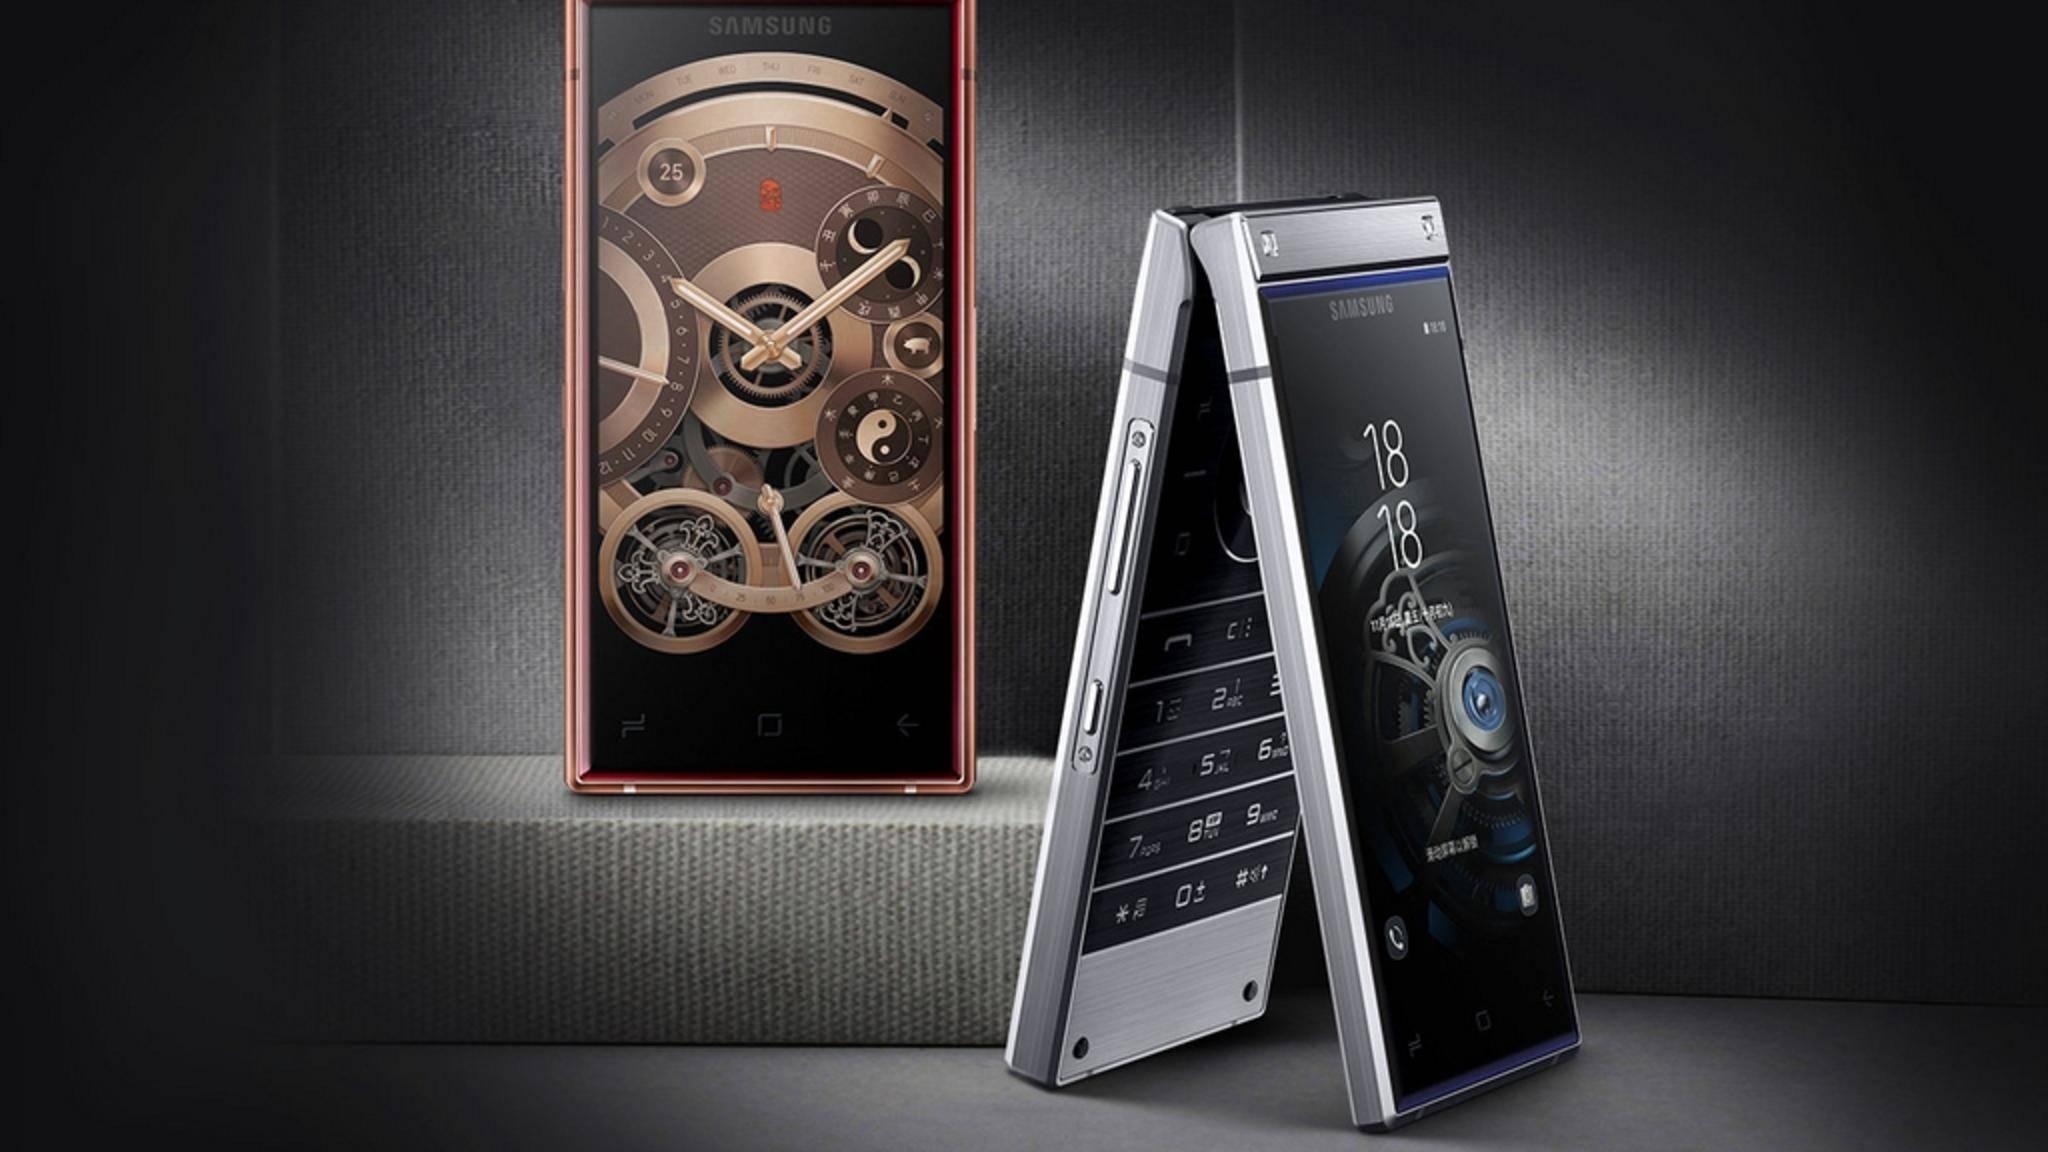 Das Samsung W2019 ist Klapphandy und High-End-Phone in einem Gerät.